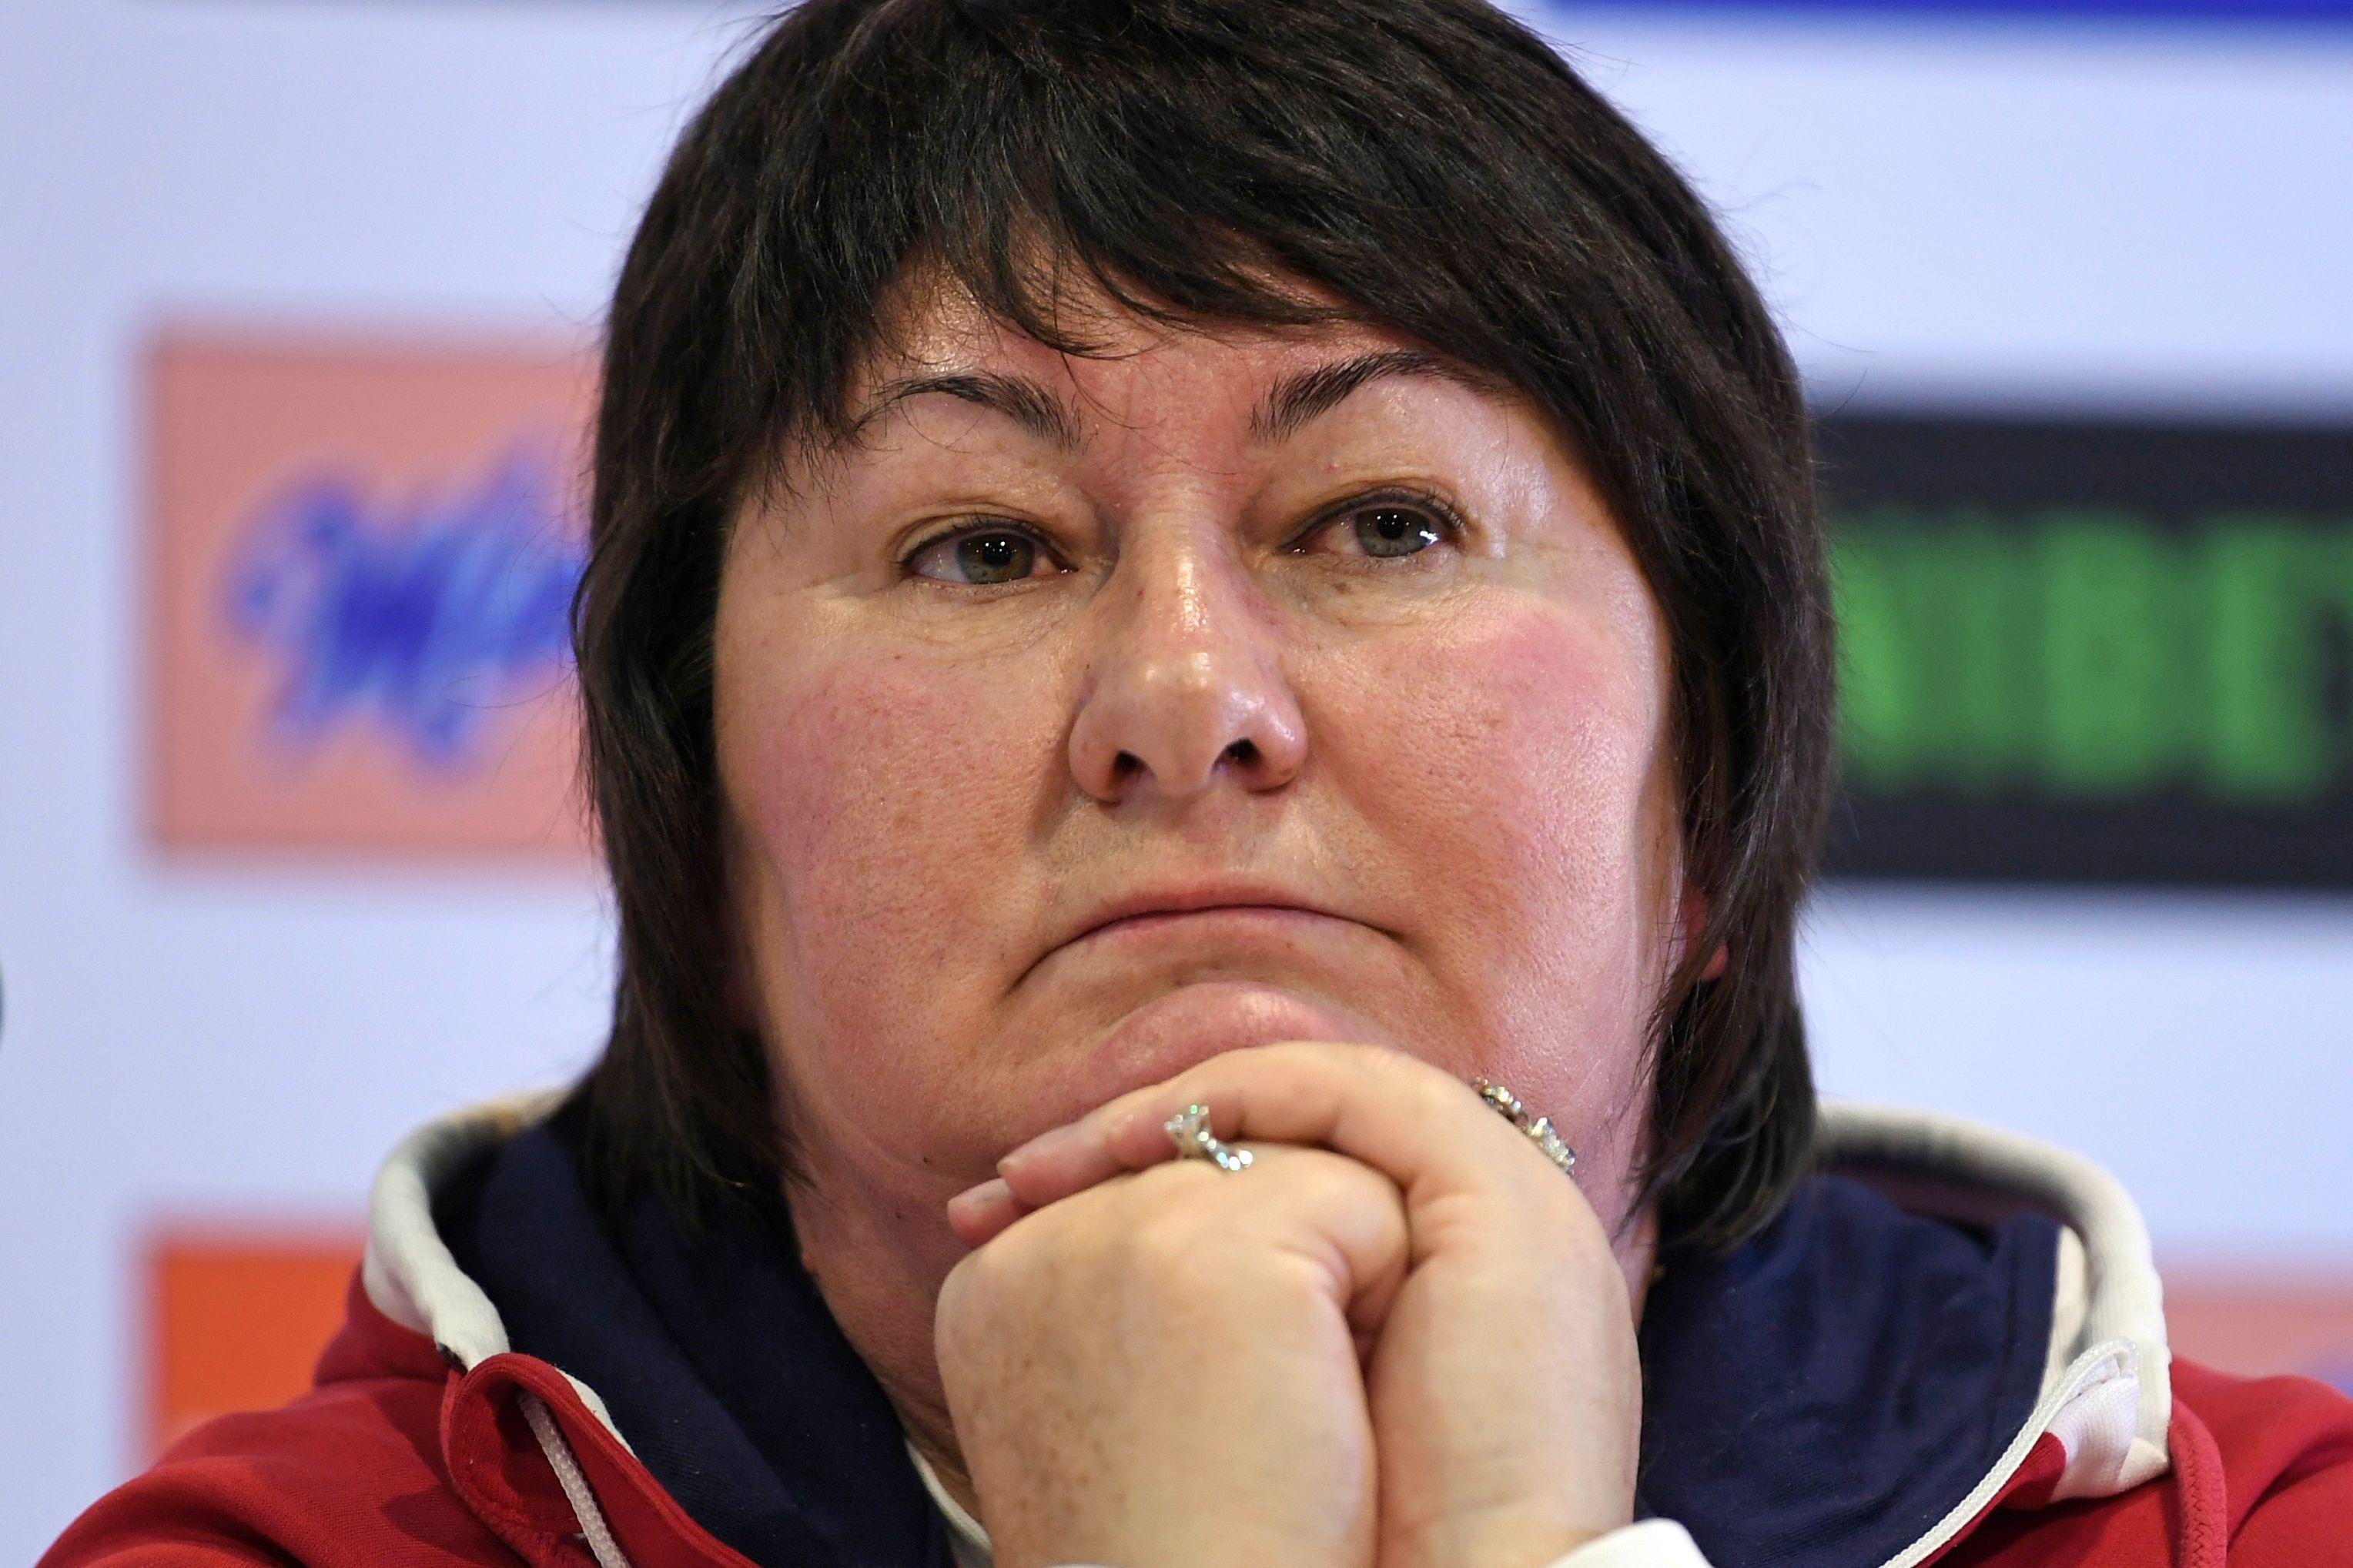 Вяльбе сообщила, какое количество медалей постарается выиграть сборная России на ЧМ по лыжным видам спорта